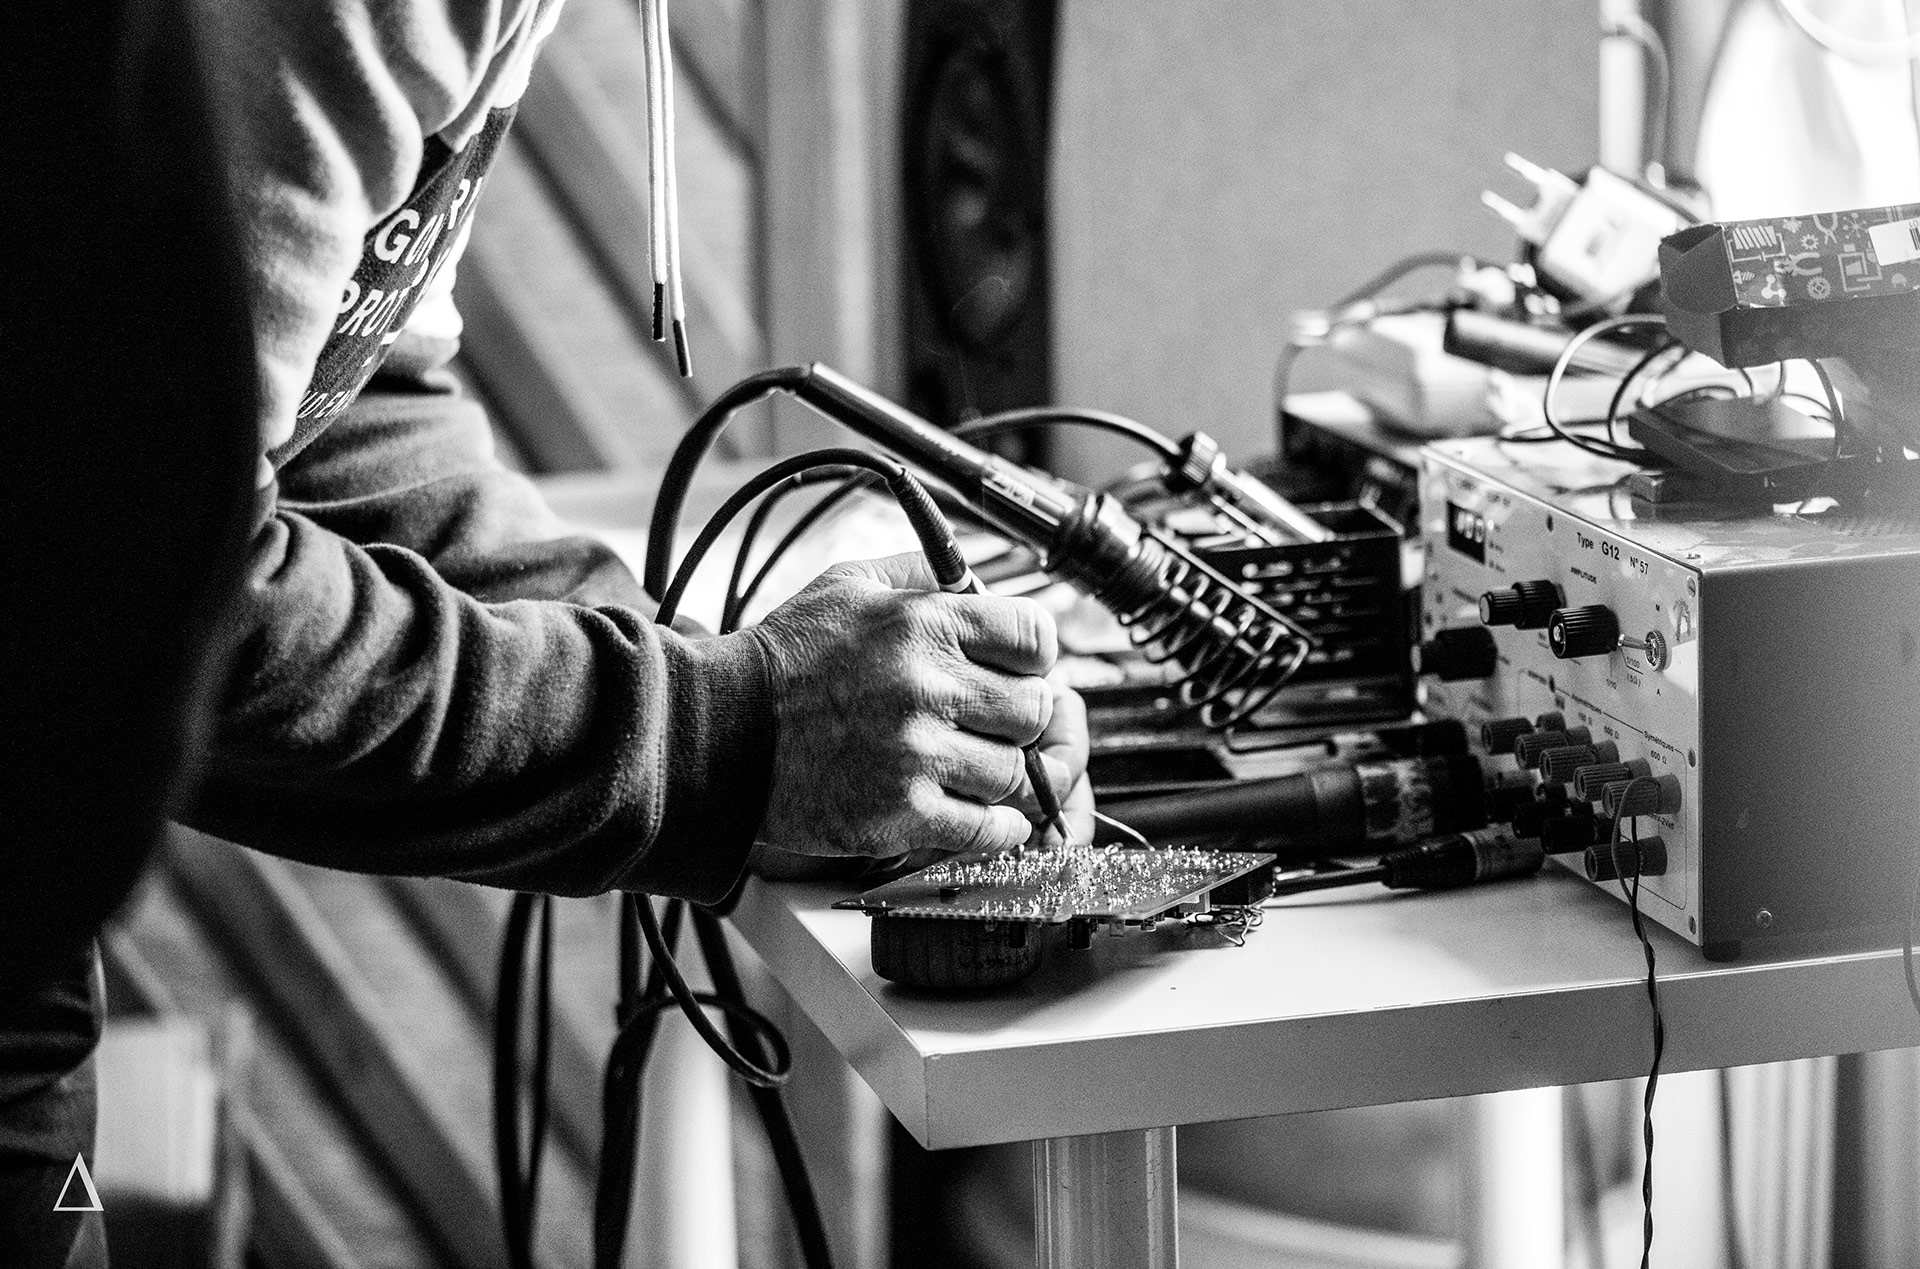 http://www.audiosculture.fr/wp-content/uploads/2020/11/AUDIOSCULTURE_ELECTRONIQUE_AUDIO-2.jpg